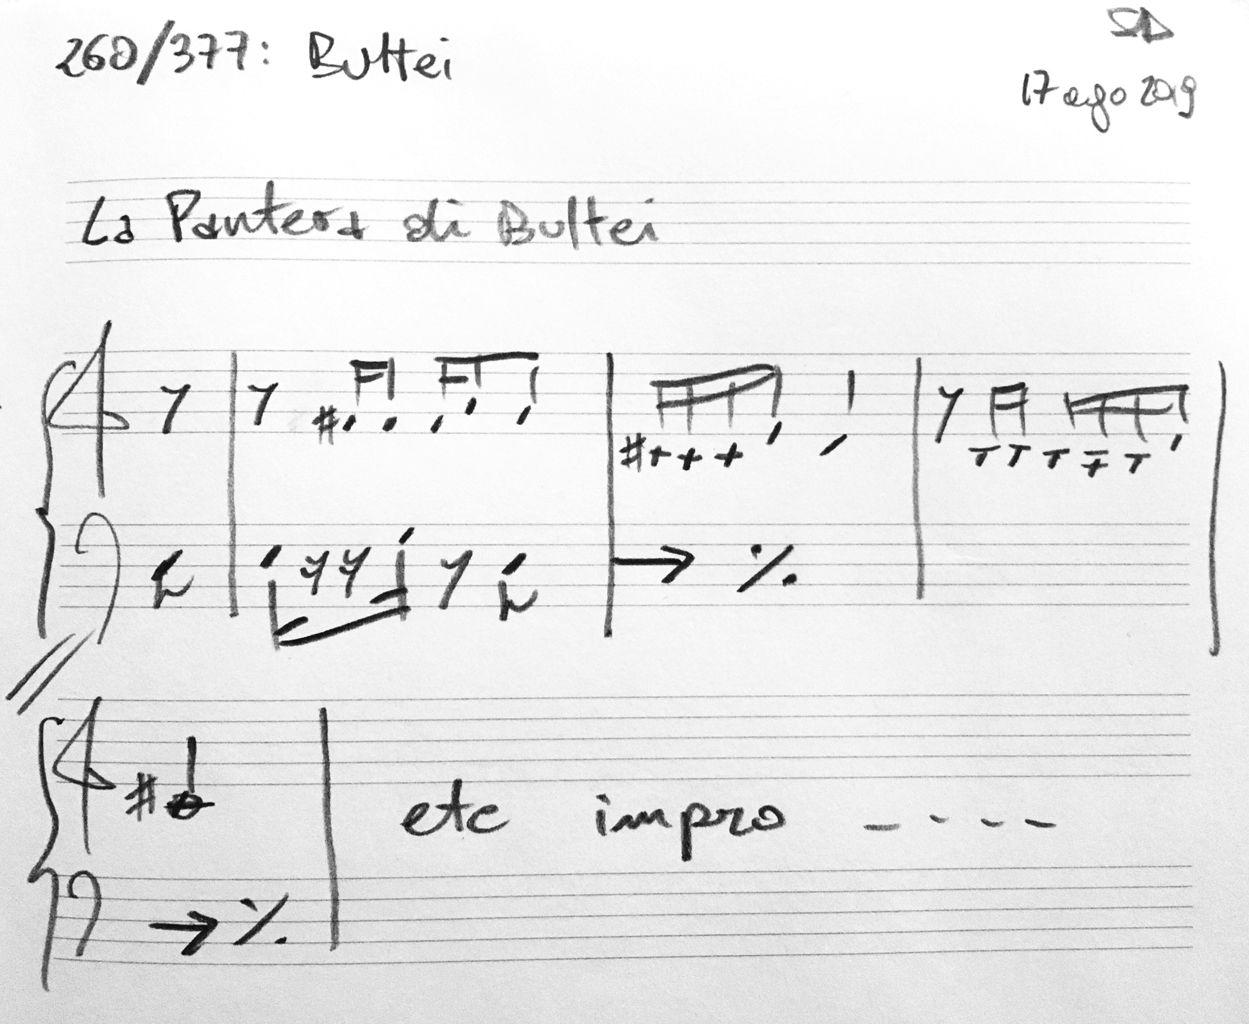 260-Bultei-score